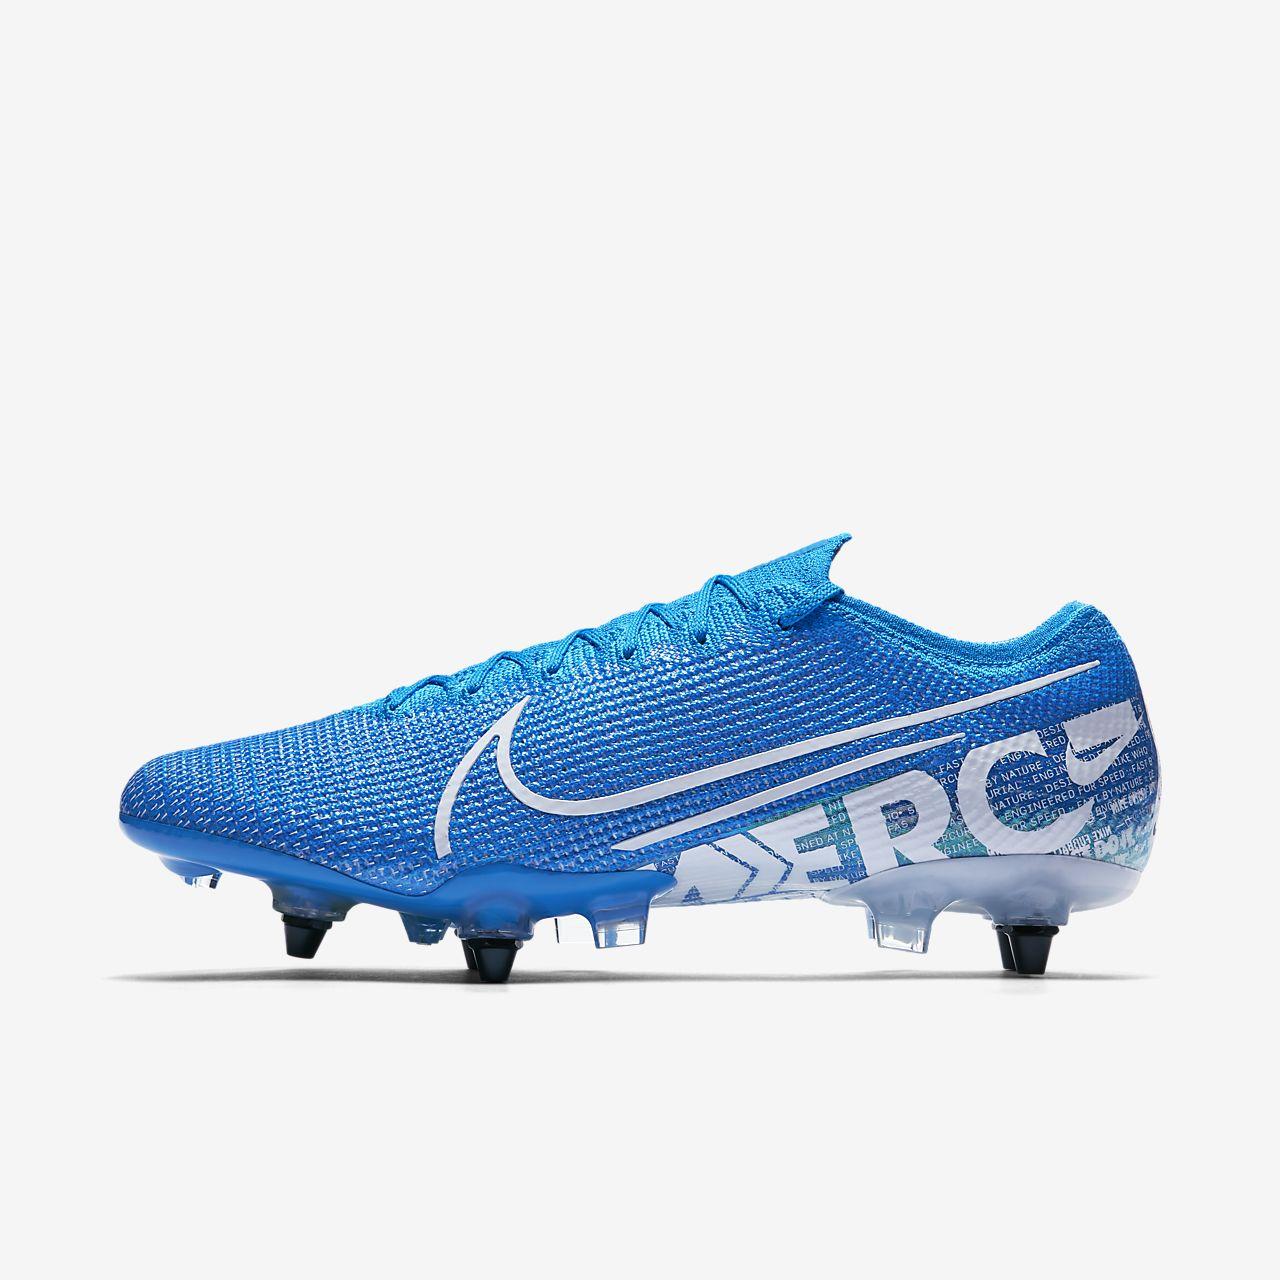 Calzado de fútbol para terreno blando Nike Mercurial Vapor 13 Elite SG-PRO Anti-Clog Traction